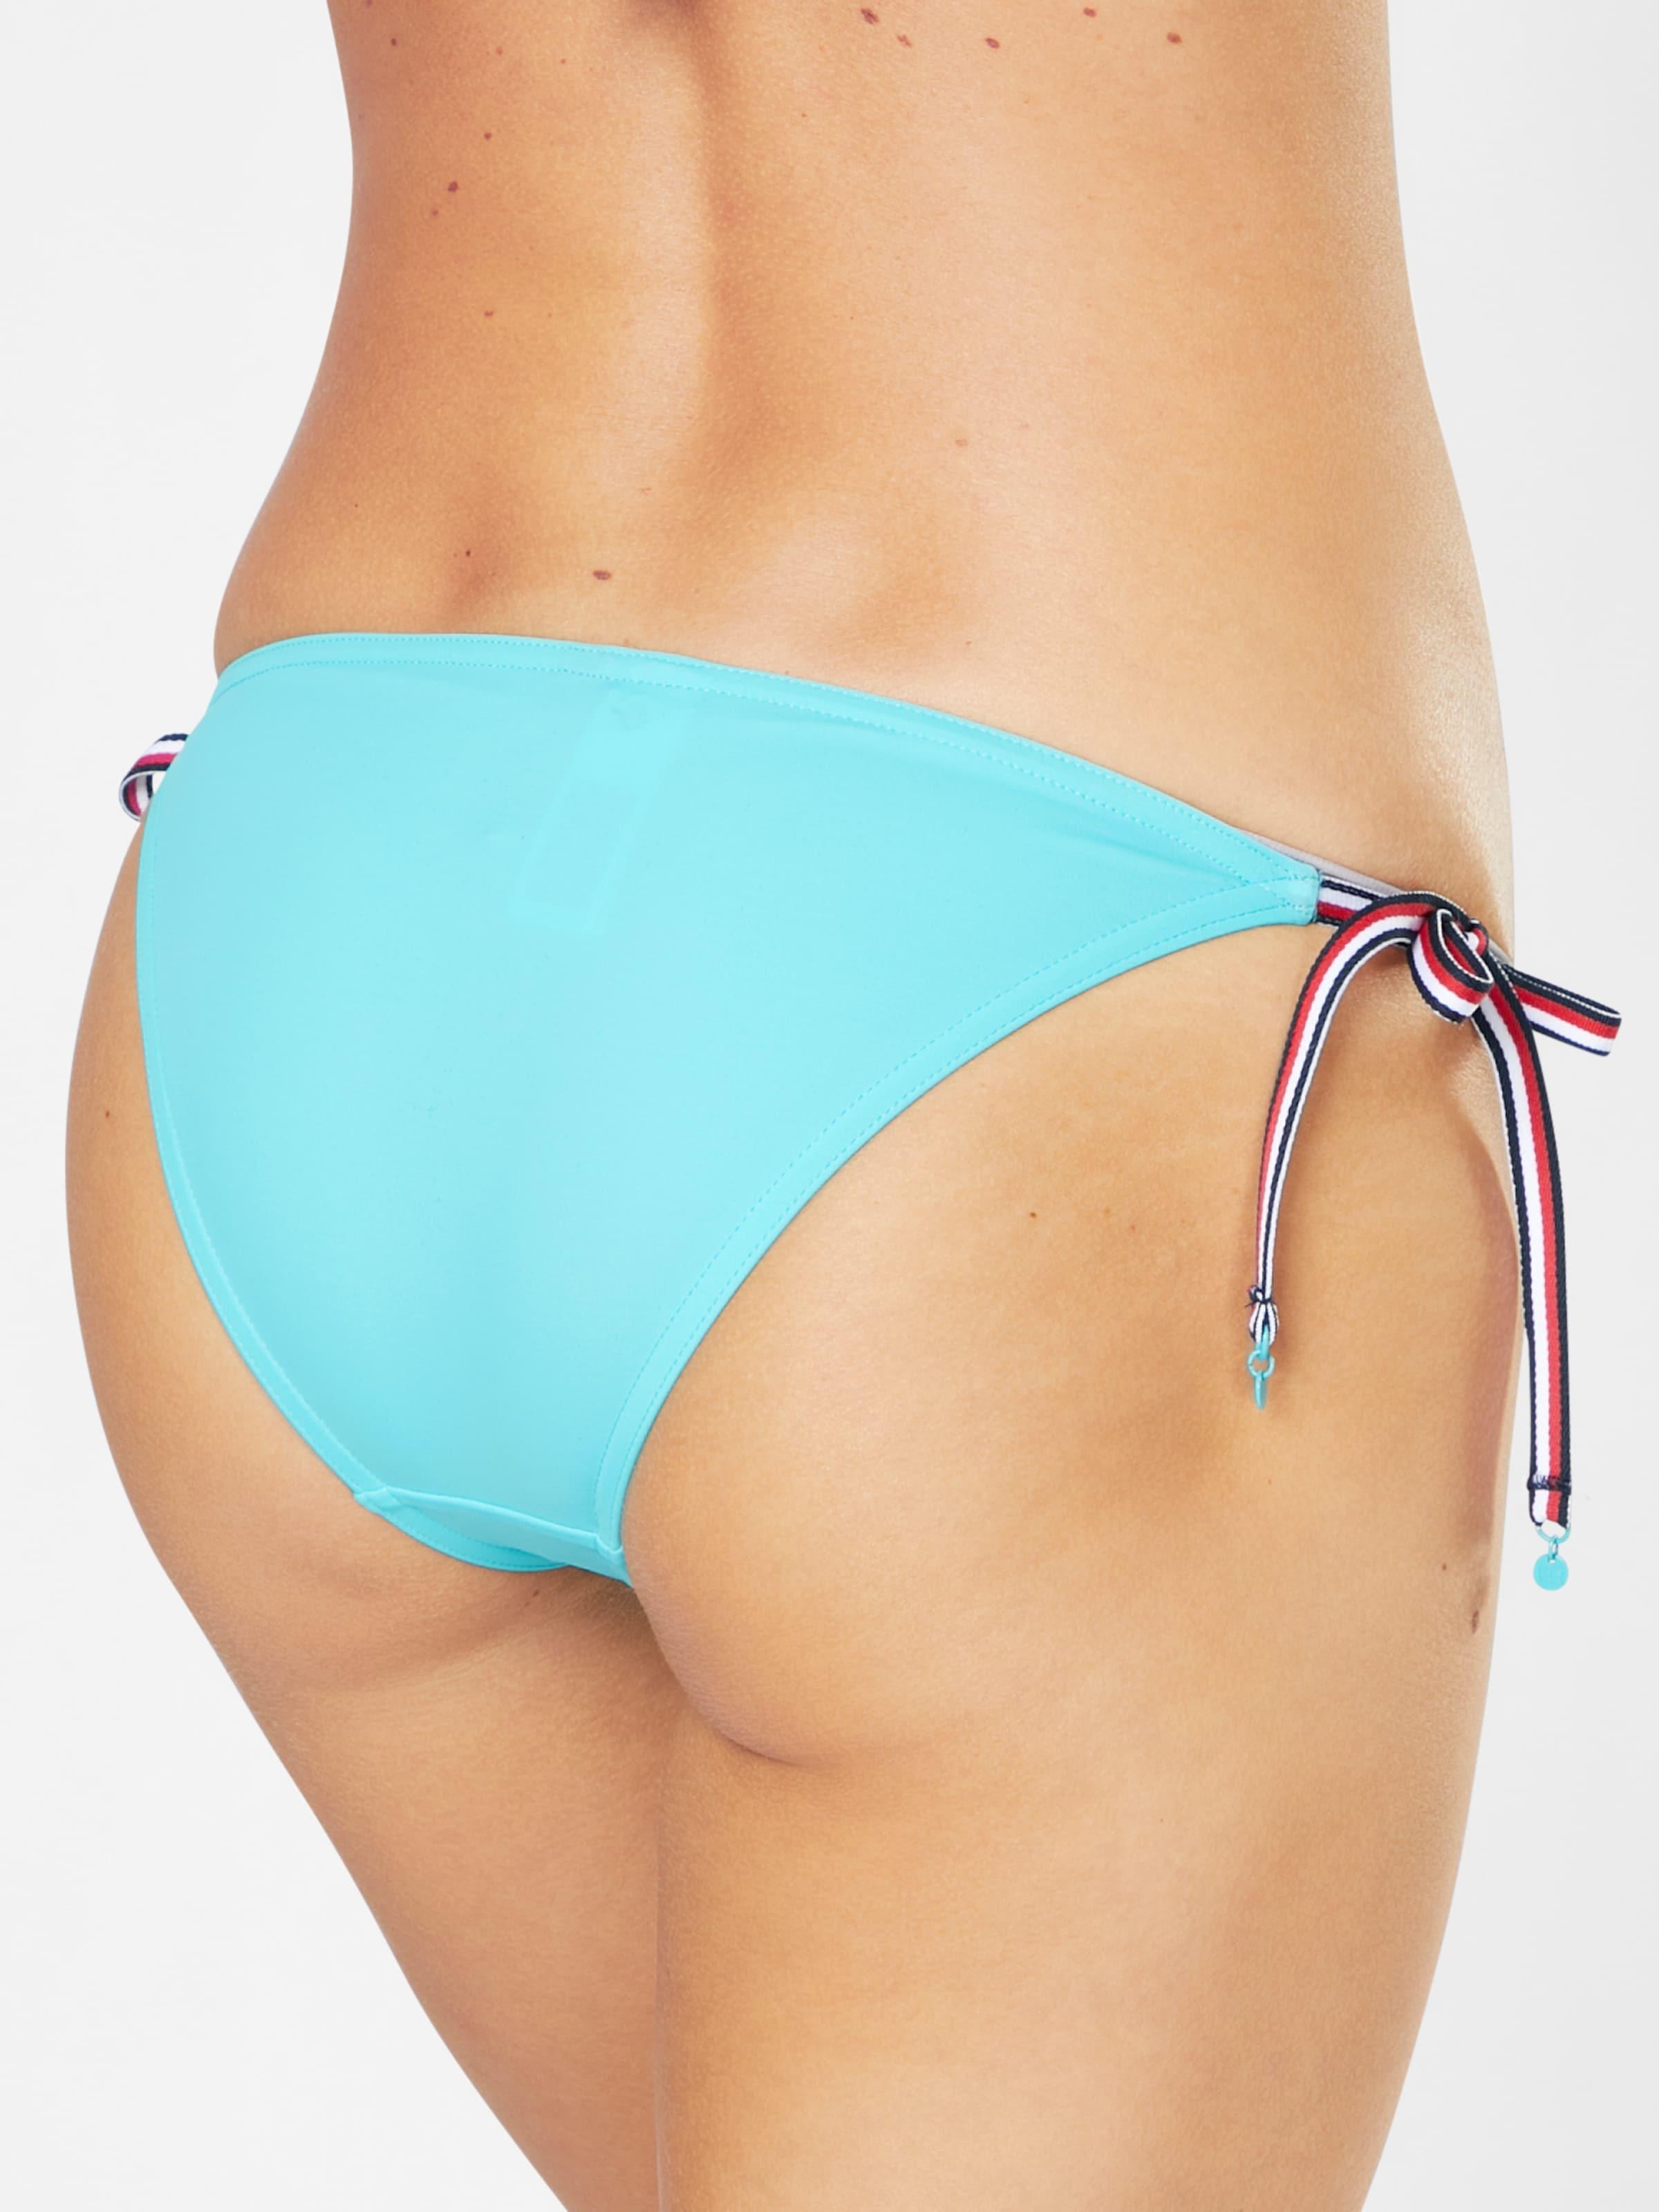 Billig Verkauf Browse Auslass Verkauf Online Tommy Hilfiger Underwear Bikini Unterteil 'STRING SIDE' Marktfähig Zu Verkaufen Billigsten Günstig Online Rabatt Angebote Sd9vUy